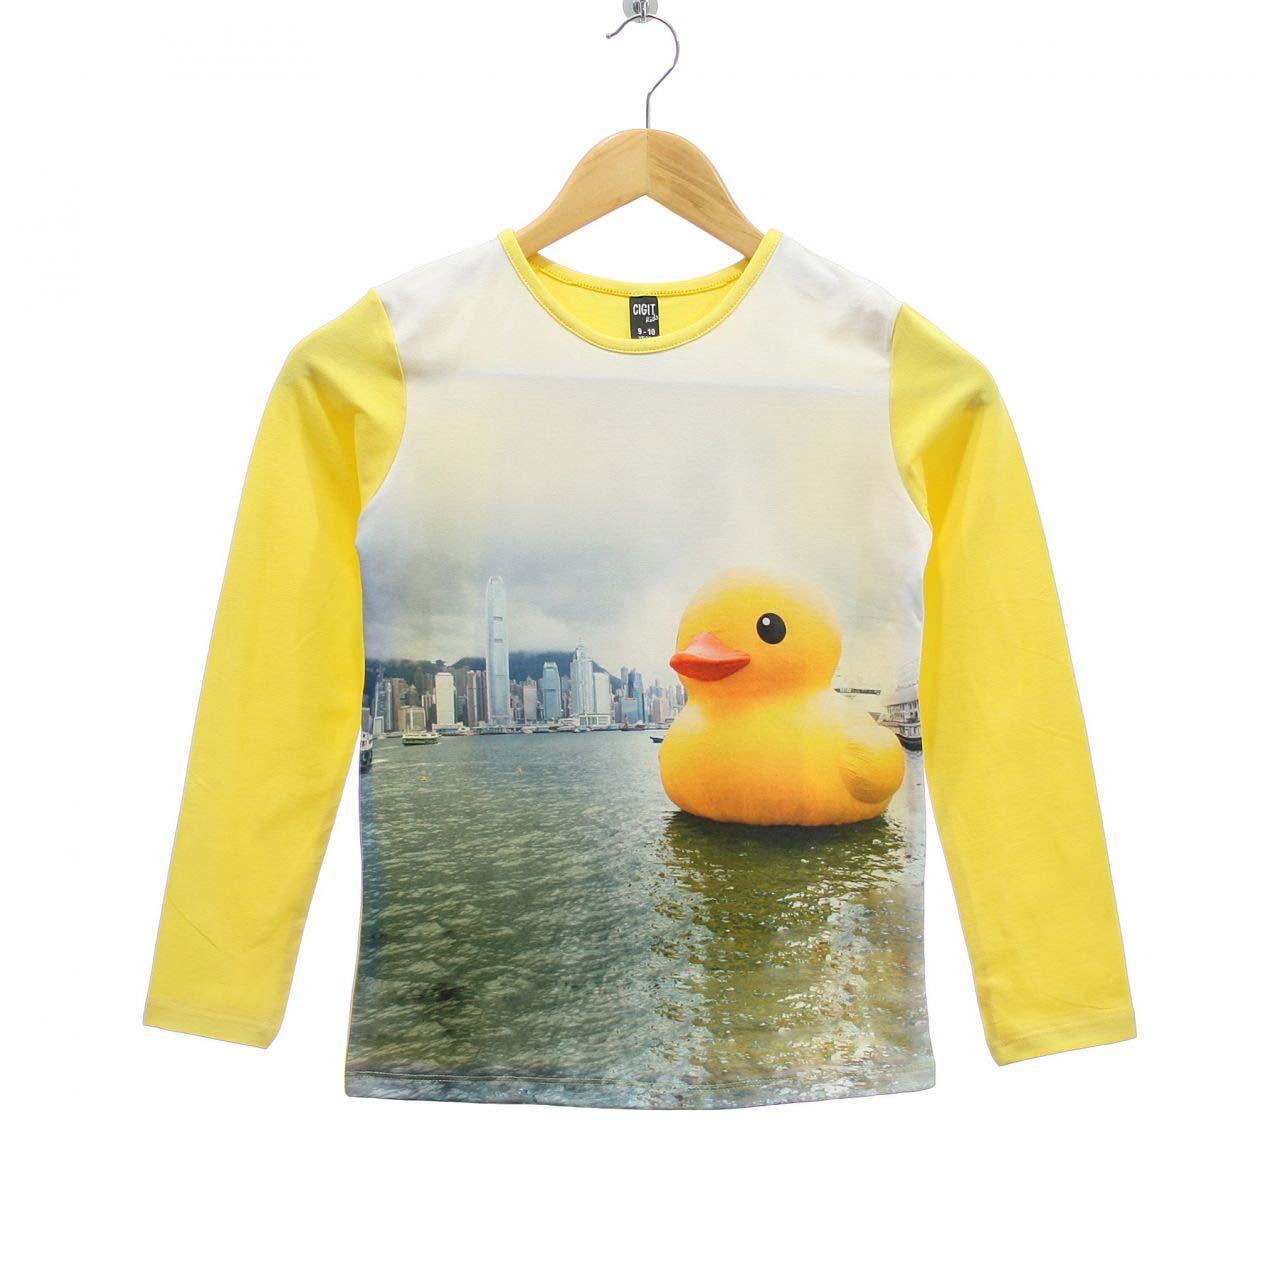 خرید اینترنتی لباس از قشم